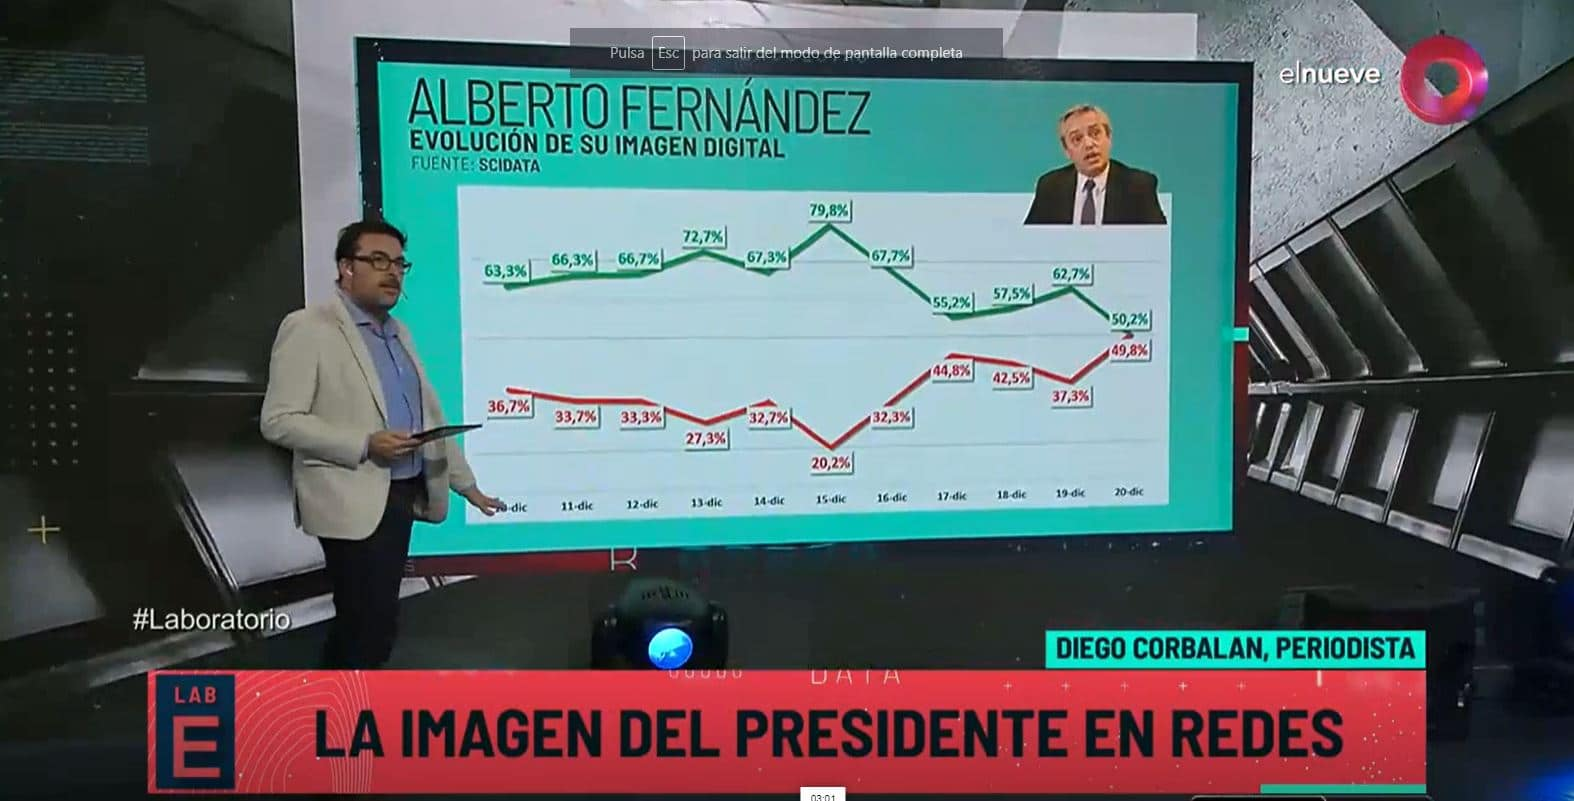 En las redes, la emergencia económica impactó en la imagen digital de Alberto Fernández